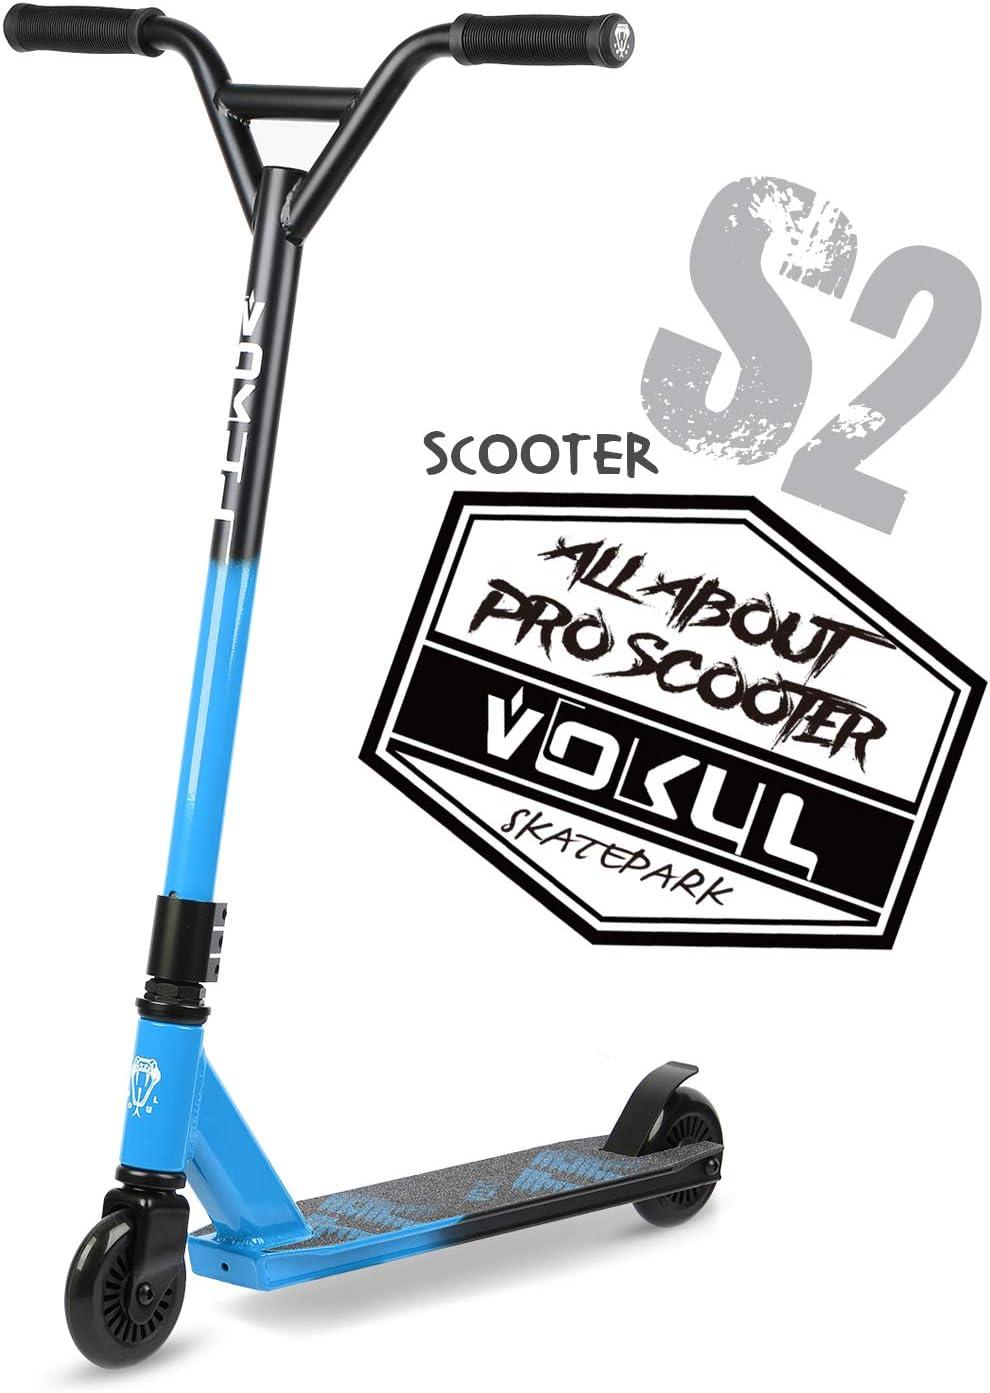 VOKUL Patinete TRII S2 Pro Scooter - Acrobacia Patinete de Trucos y Saltos con Ruedas de 100MM - 19.5